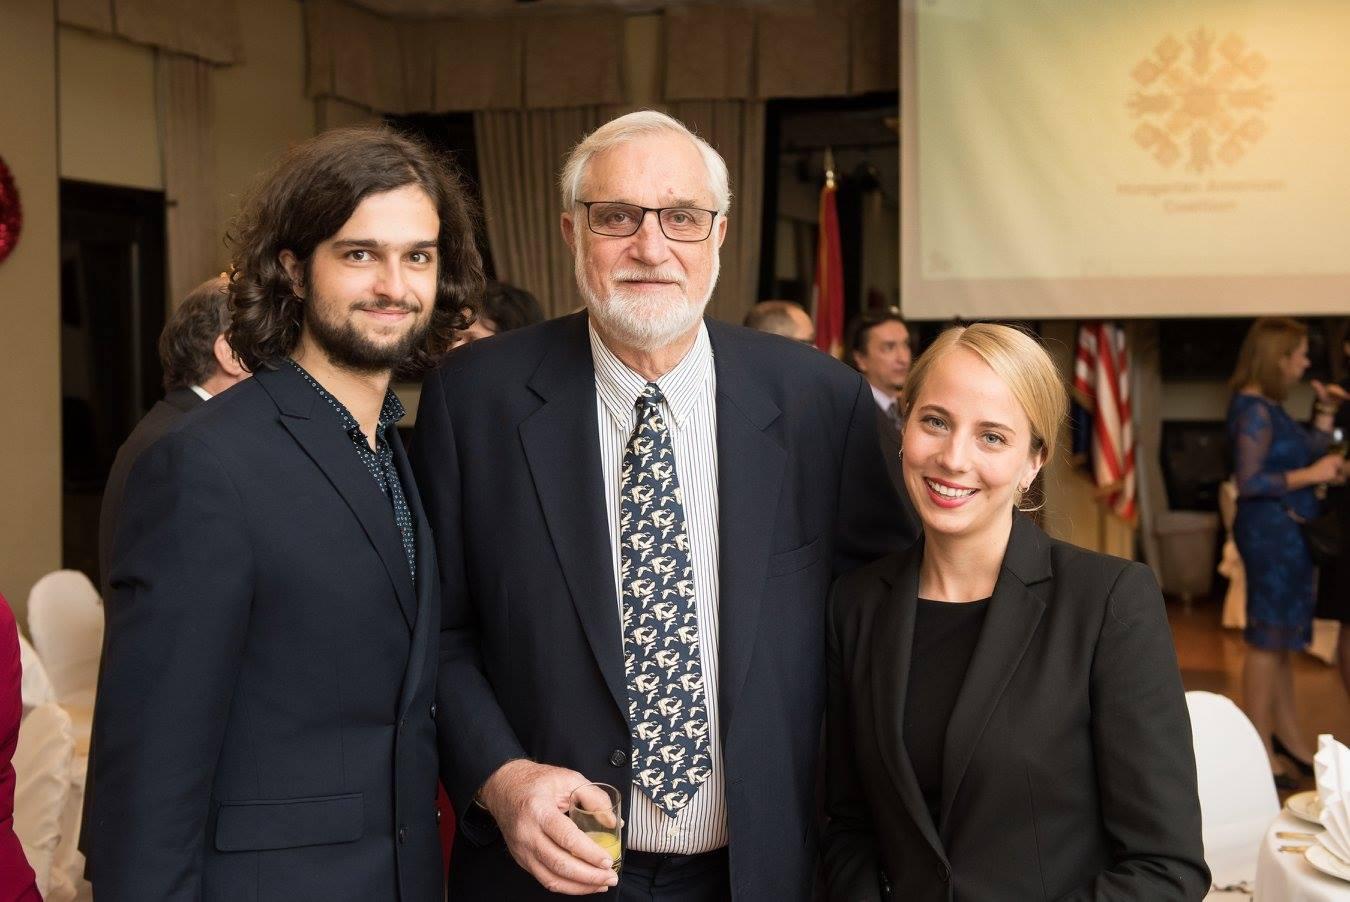 Mr. Máté Vincze, Coaliton Secretary Mr. George Pogan, Ms. Noémi Szakonyi